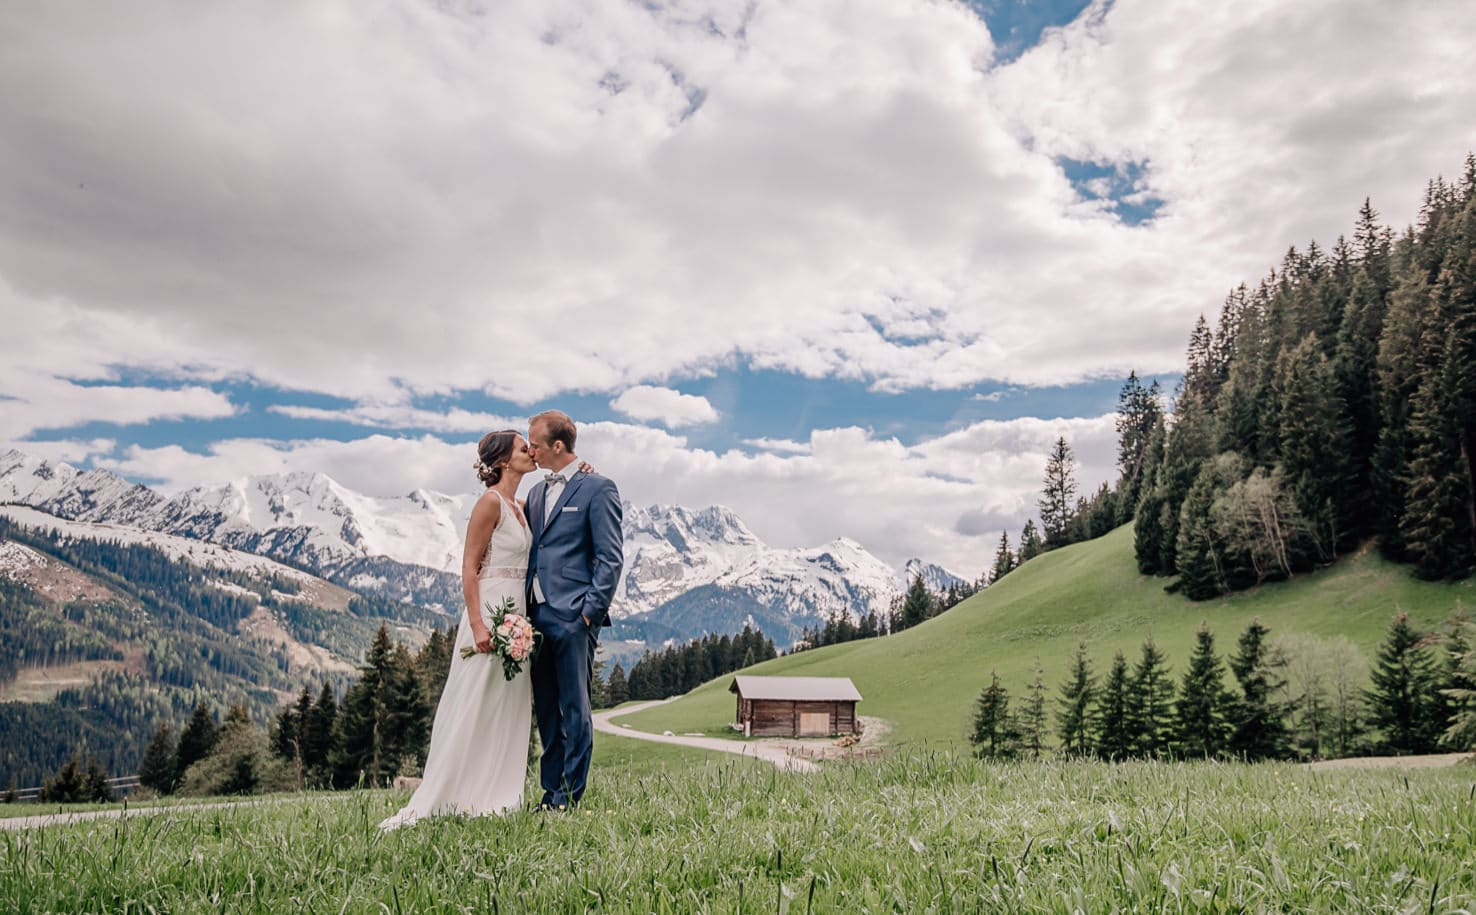 Heiraten am Berg: Traumhochzeit auf der Rössl Alm